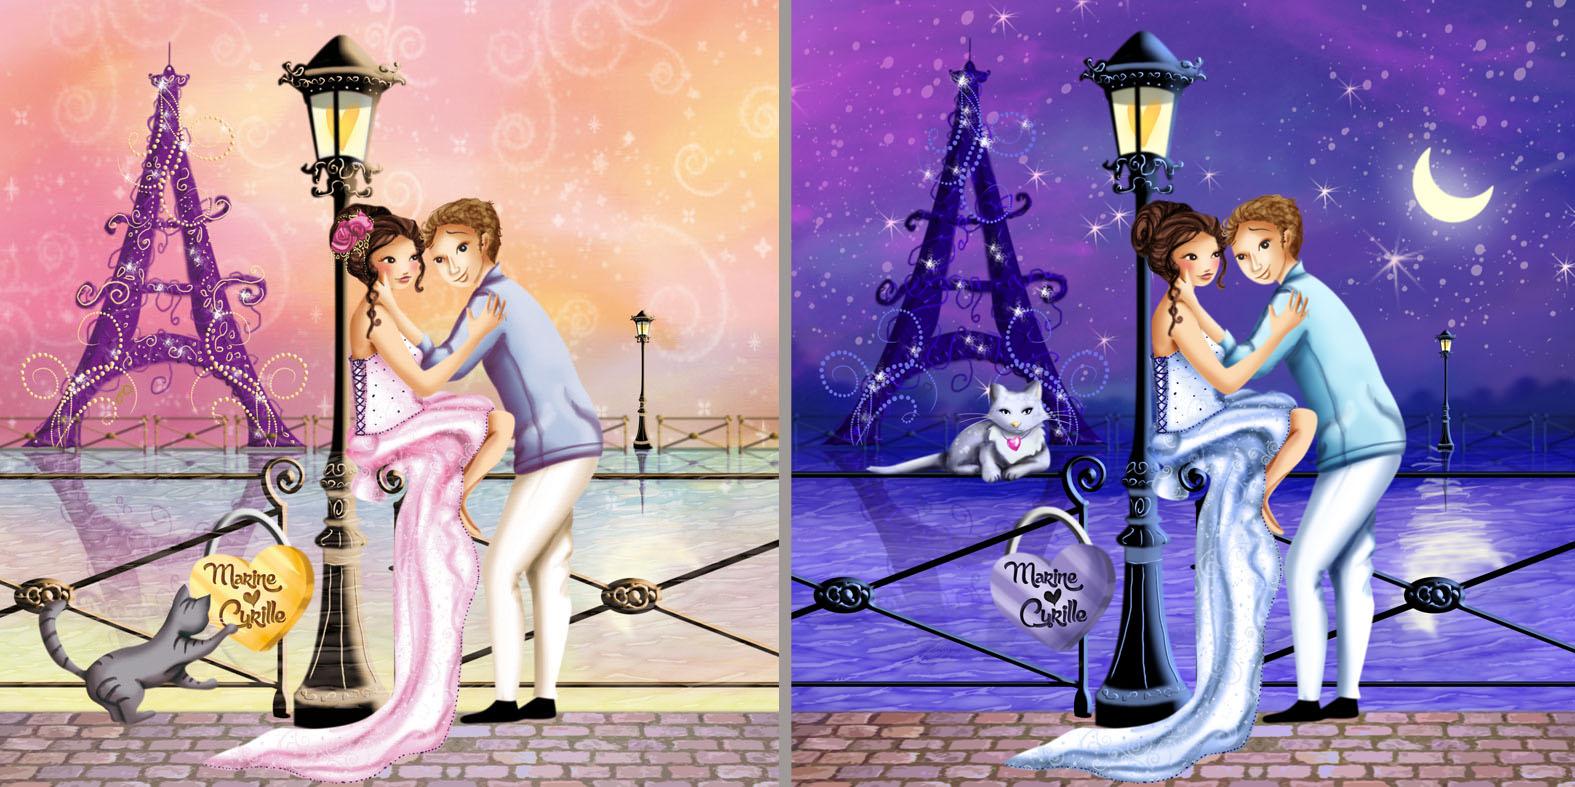 Des illustrations où l'amour et la famille illumine les coeurs